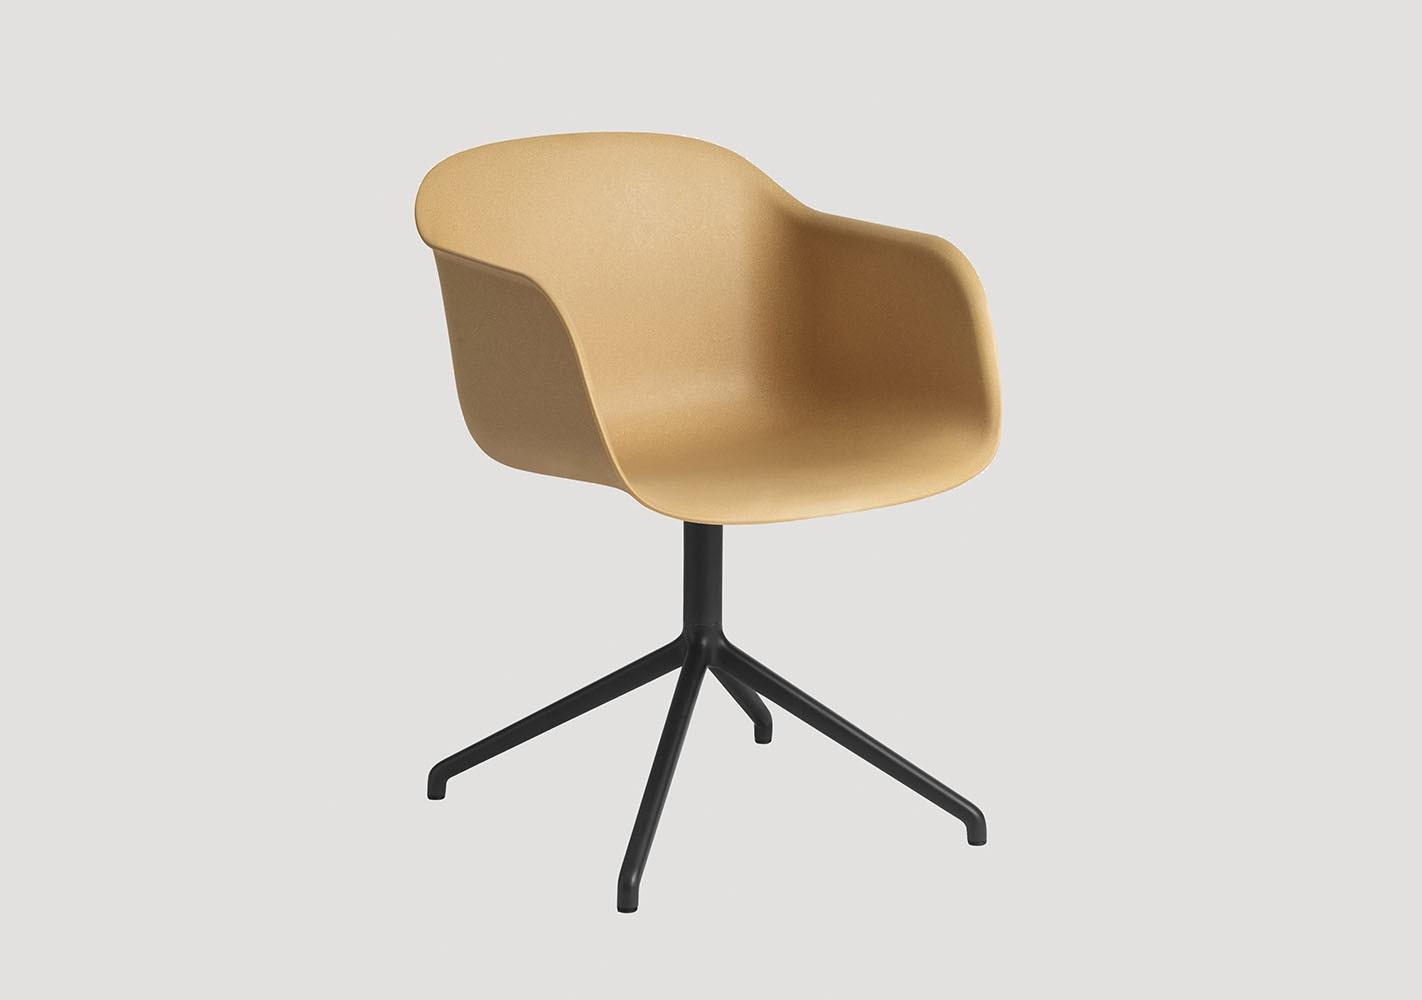 Fauteuil Fiber Chair - Piètement pivotant - MUUTO